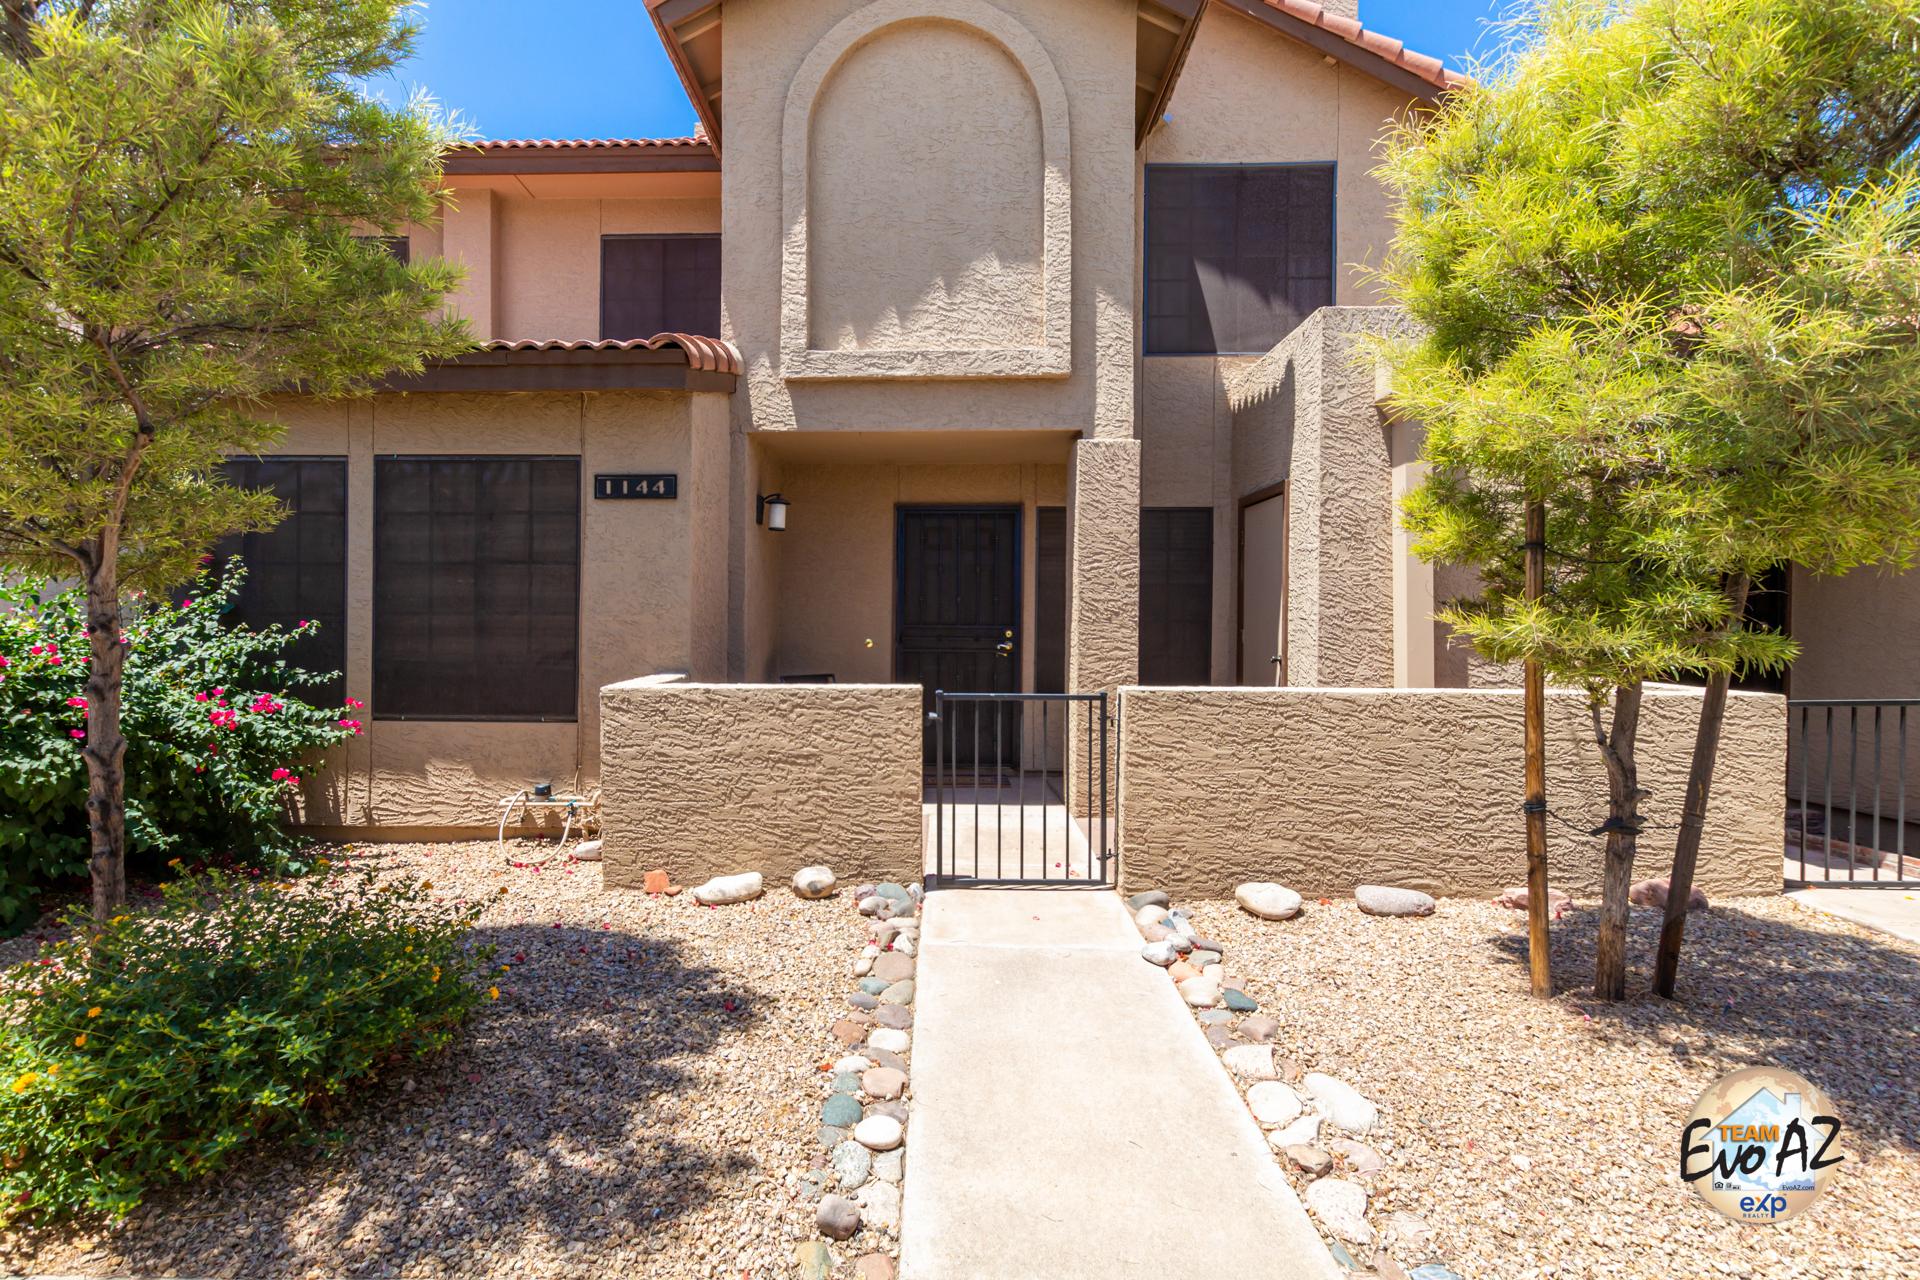 8625 E Belleview Pl #1144, Scottsdale, AZ 85257